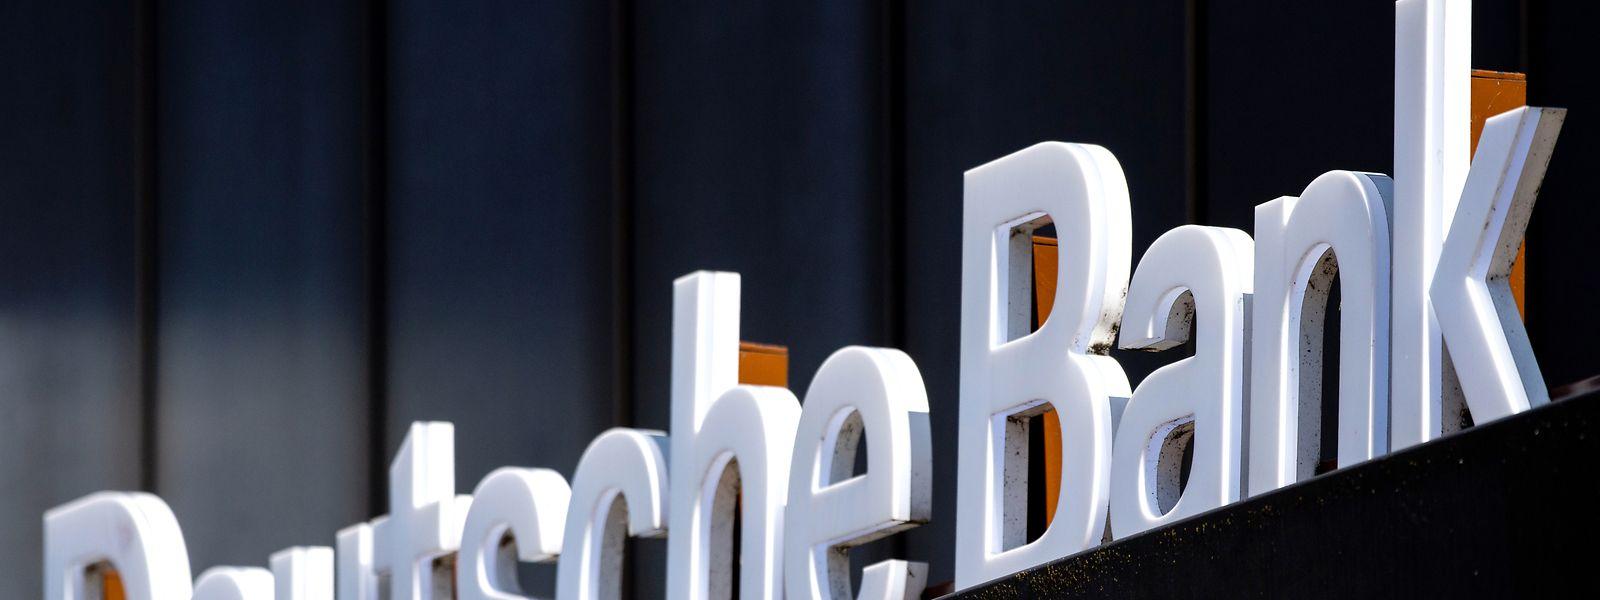 Die Deutsche Bank hat sich öffentlich von einer mit scharfer Kritik an Politik und Aufsicht gespickten Studie aus dem eigenen Haus distanziert.